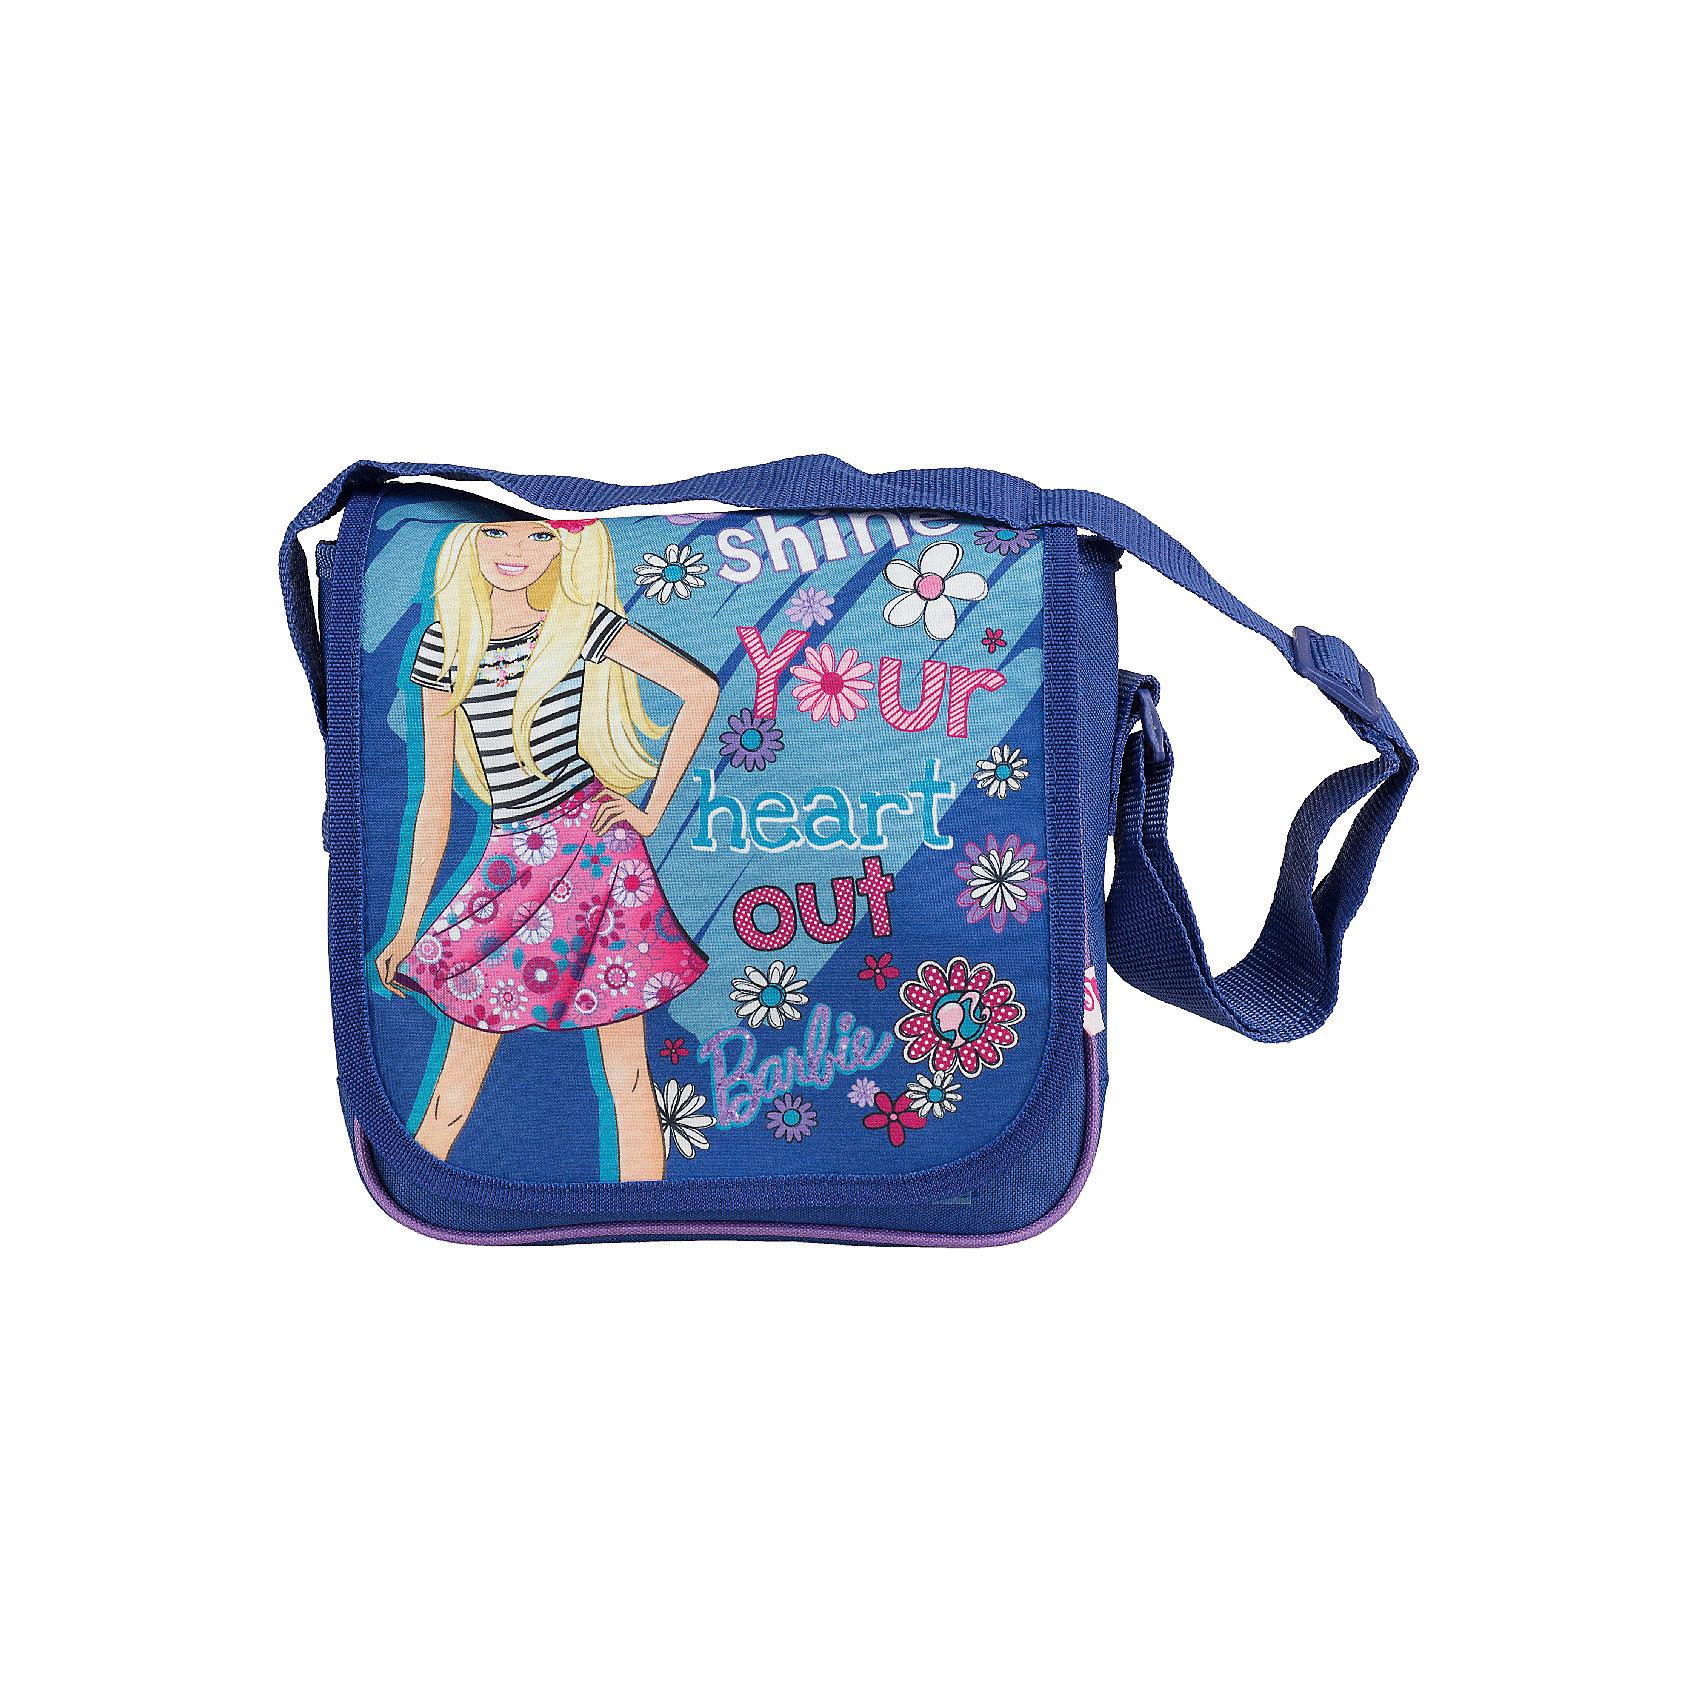 Сумочка 21,5*22*7,5 см, BarbieДетские сумки<br>Сумочка Barbie - комфортная и стильная сумочка, с которой Вашей девочке будет приятно ходить и на школьные занятия и на прогулку. Сумка выполнена в синих и фиолетовых тонах и украшена изображением очаровательной красавицы Барби и ярким цветочным принтом. Сумочка<br>закрывается откидным клапаном на липучках, внутри одно просторное отделение на молнии, куда можно положить все необходимые принадлежности и аксессуары. Для ношения через плечо предусмотрен широкий регулируемый ремешок.  <br><br>Дополнительная информация:<br><br>- Материал: полиэстер.<br>- Размер: 21,5 х 22 х 7,5 см.<br>- Вес: 0,175 кг.<br><br>Сумочку 21,5*22*7,5 см., Barbie, можно купить в нашем интернет-магазине.<br><br>Ширина мм: 75<br>Глубина мм: 220<br>Высота мм: 215<br>Вес г: 169<br>Возраст от месяцев: 96<br>Возраст до месяцев: 108<br>Пол: Женский<br>Возраст: Детский<br>SKU: 4489523